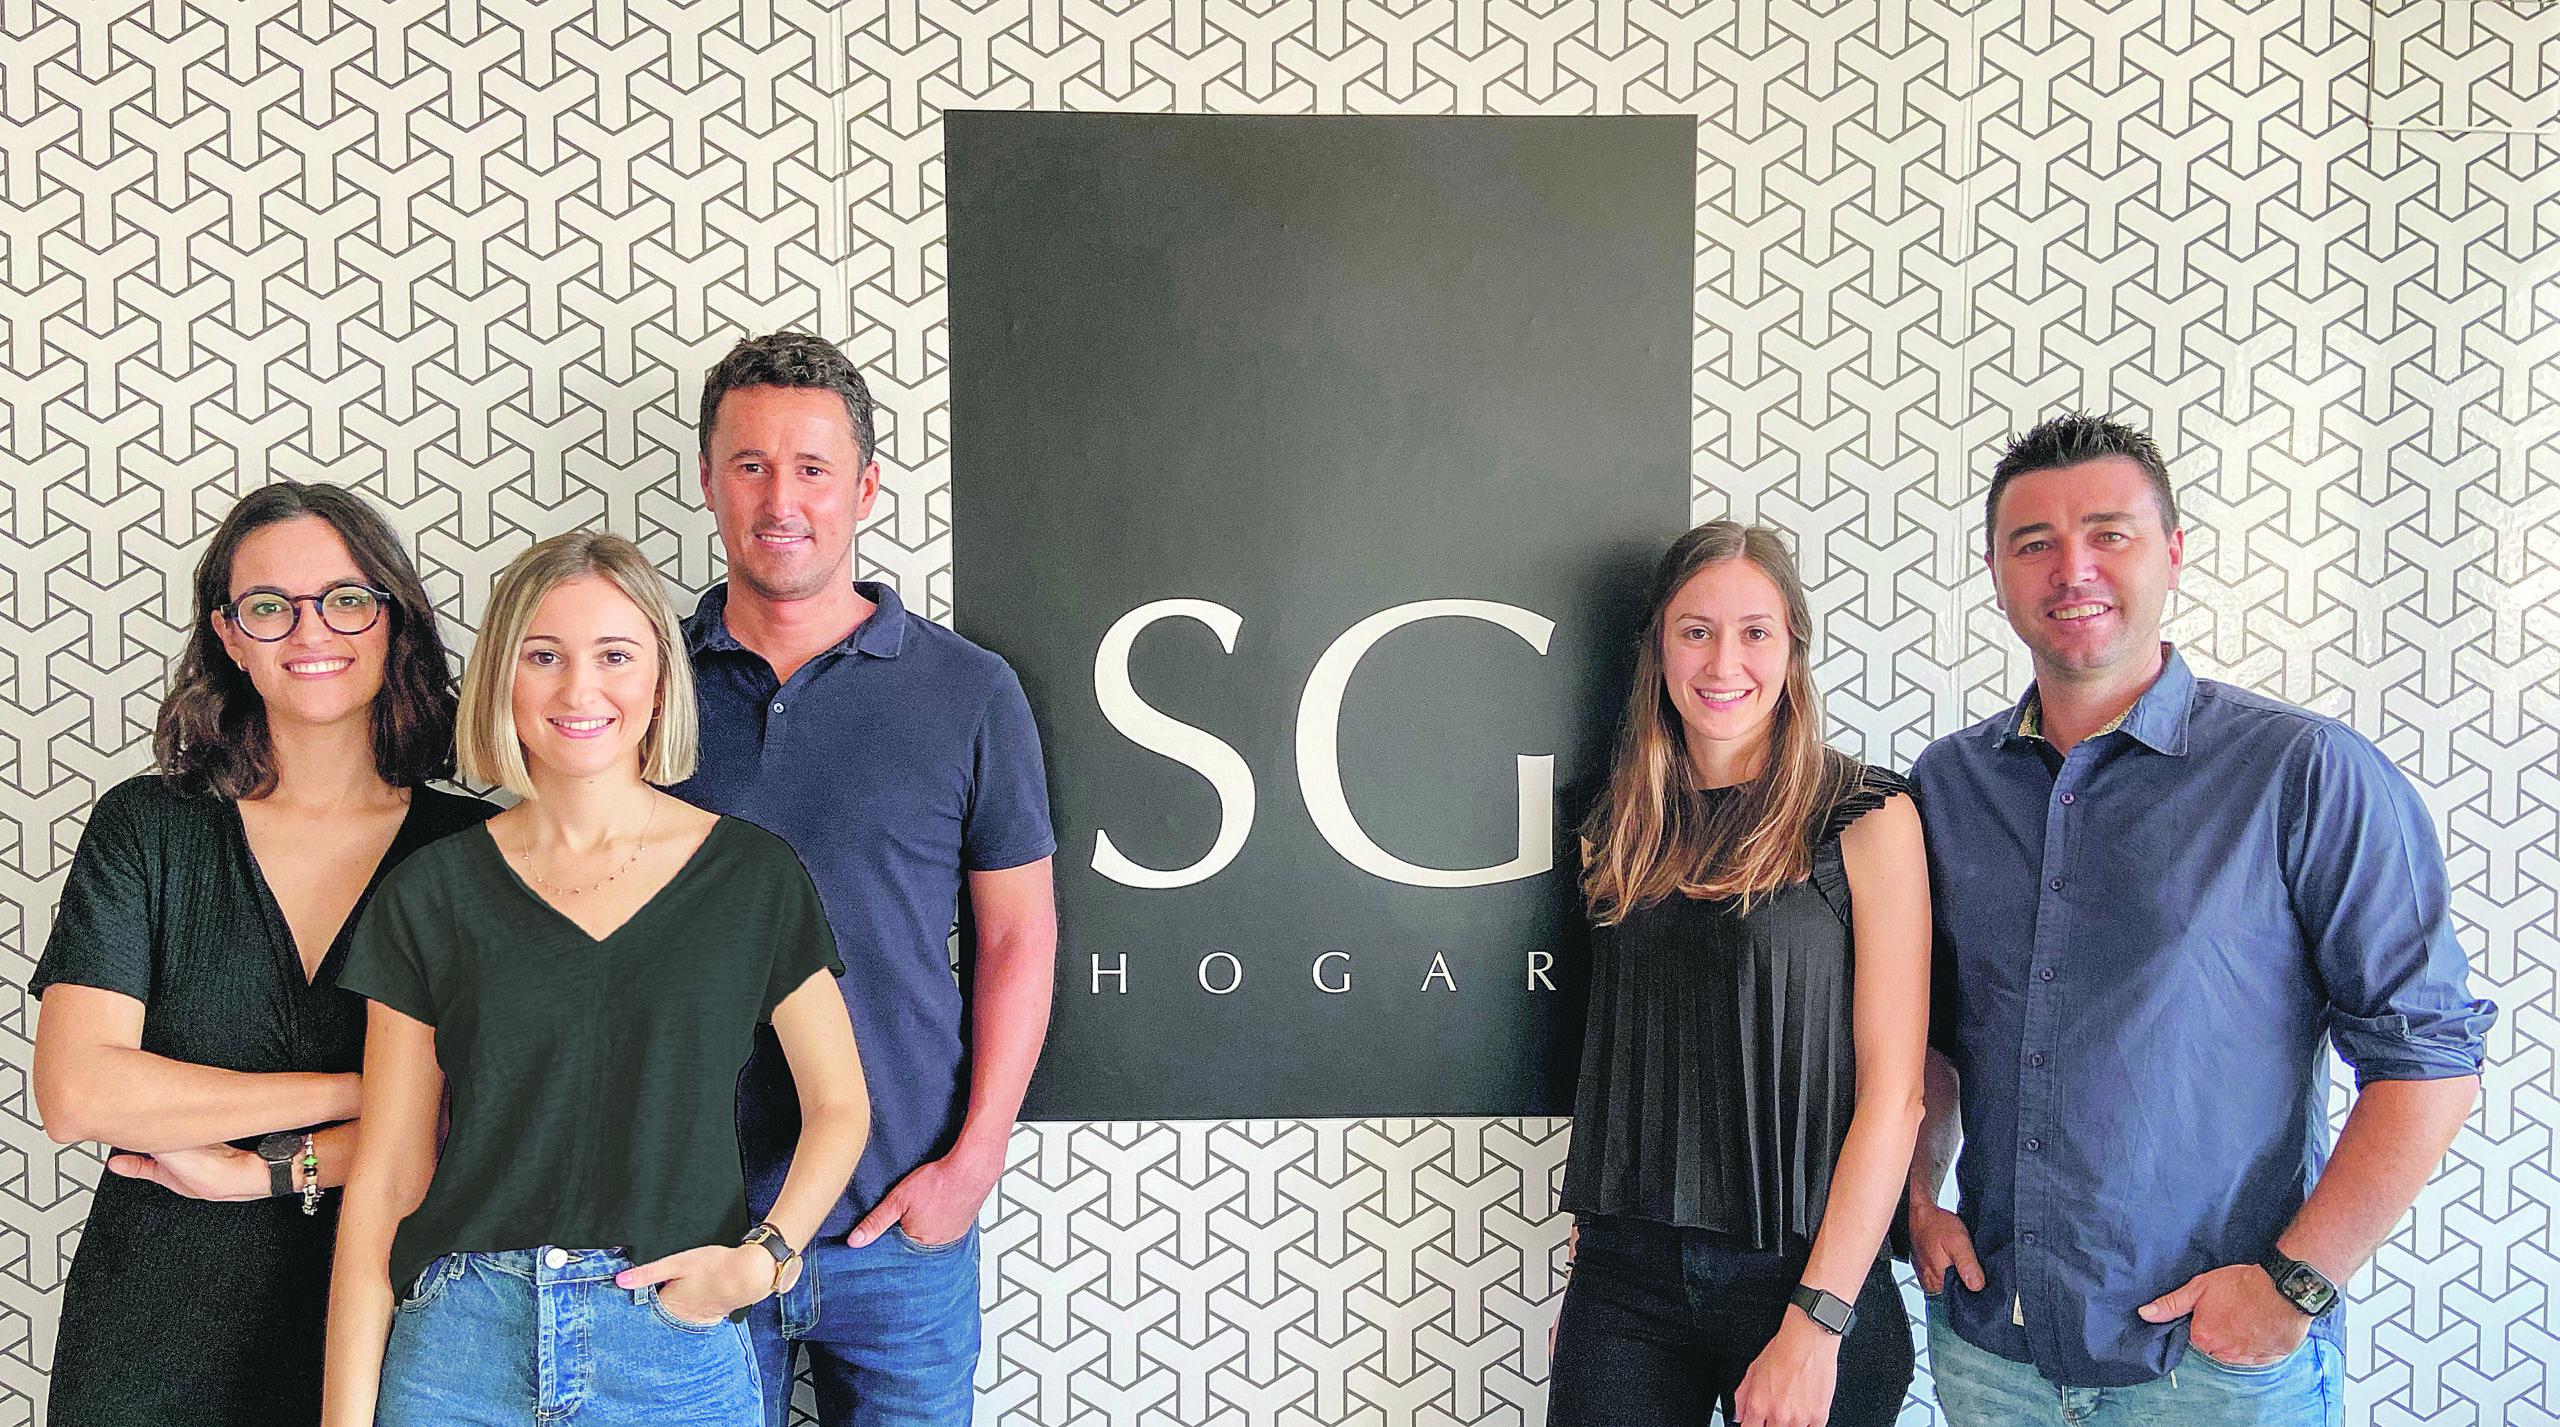 SG Hogar entra en les llars amb la seua producció sostenible El Periòdic d'Ontinyent - Noticies a Ontinyent